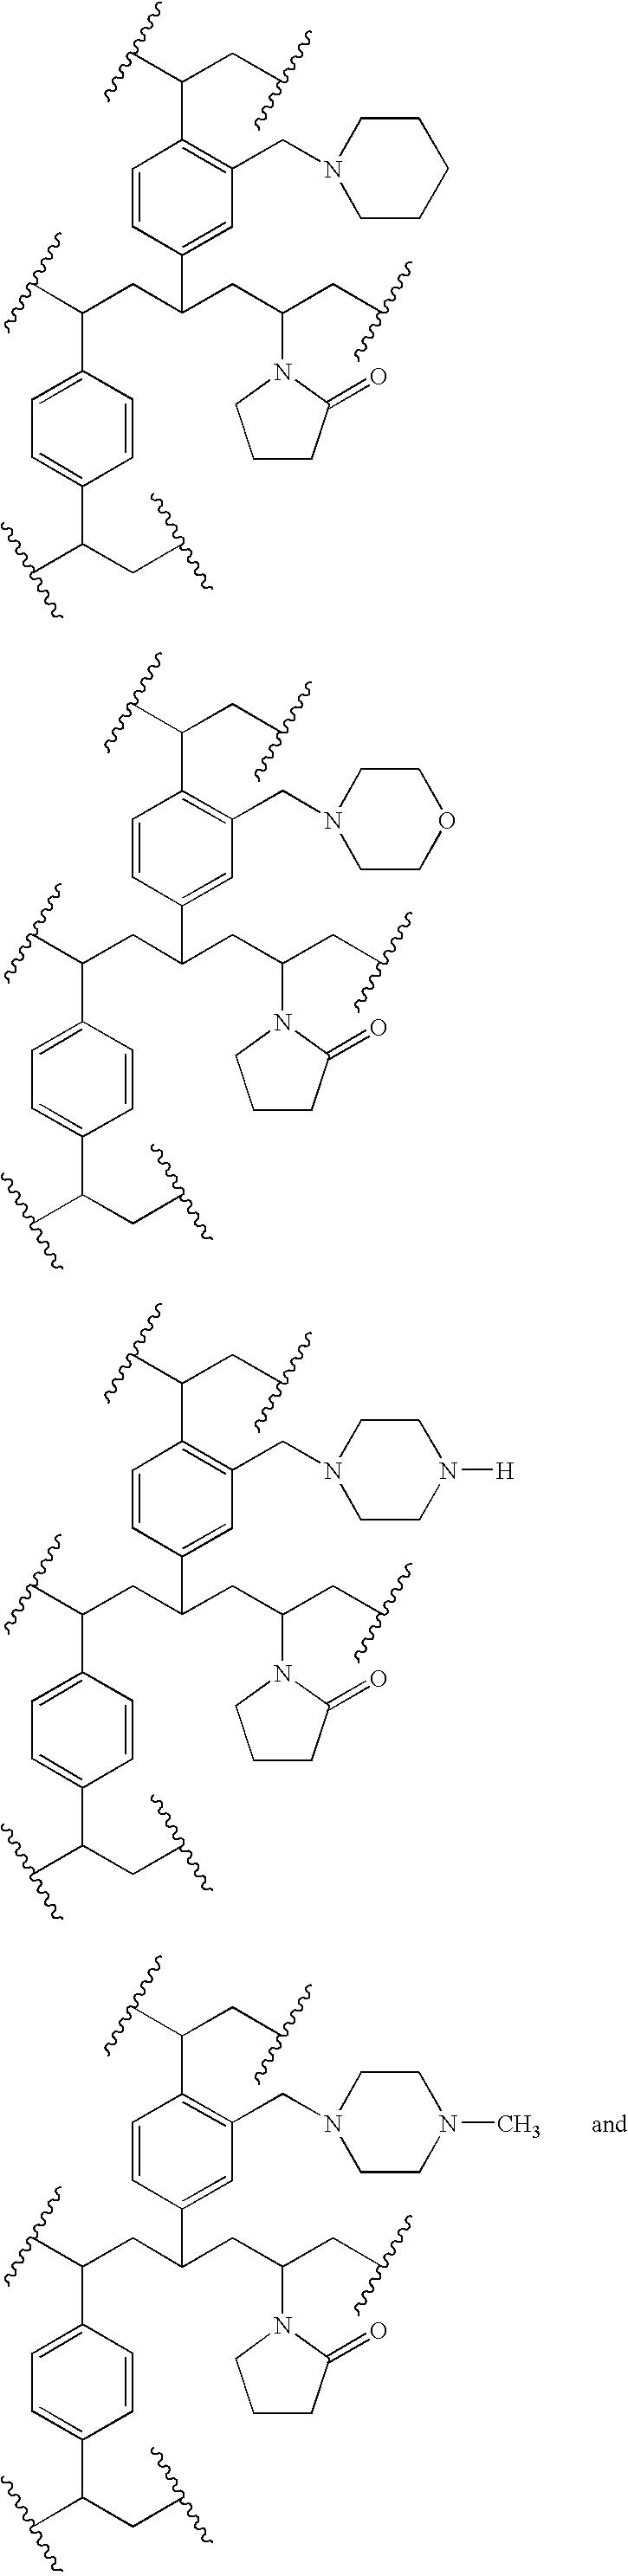 Figure US08197692-20120612-C00008